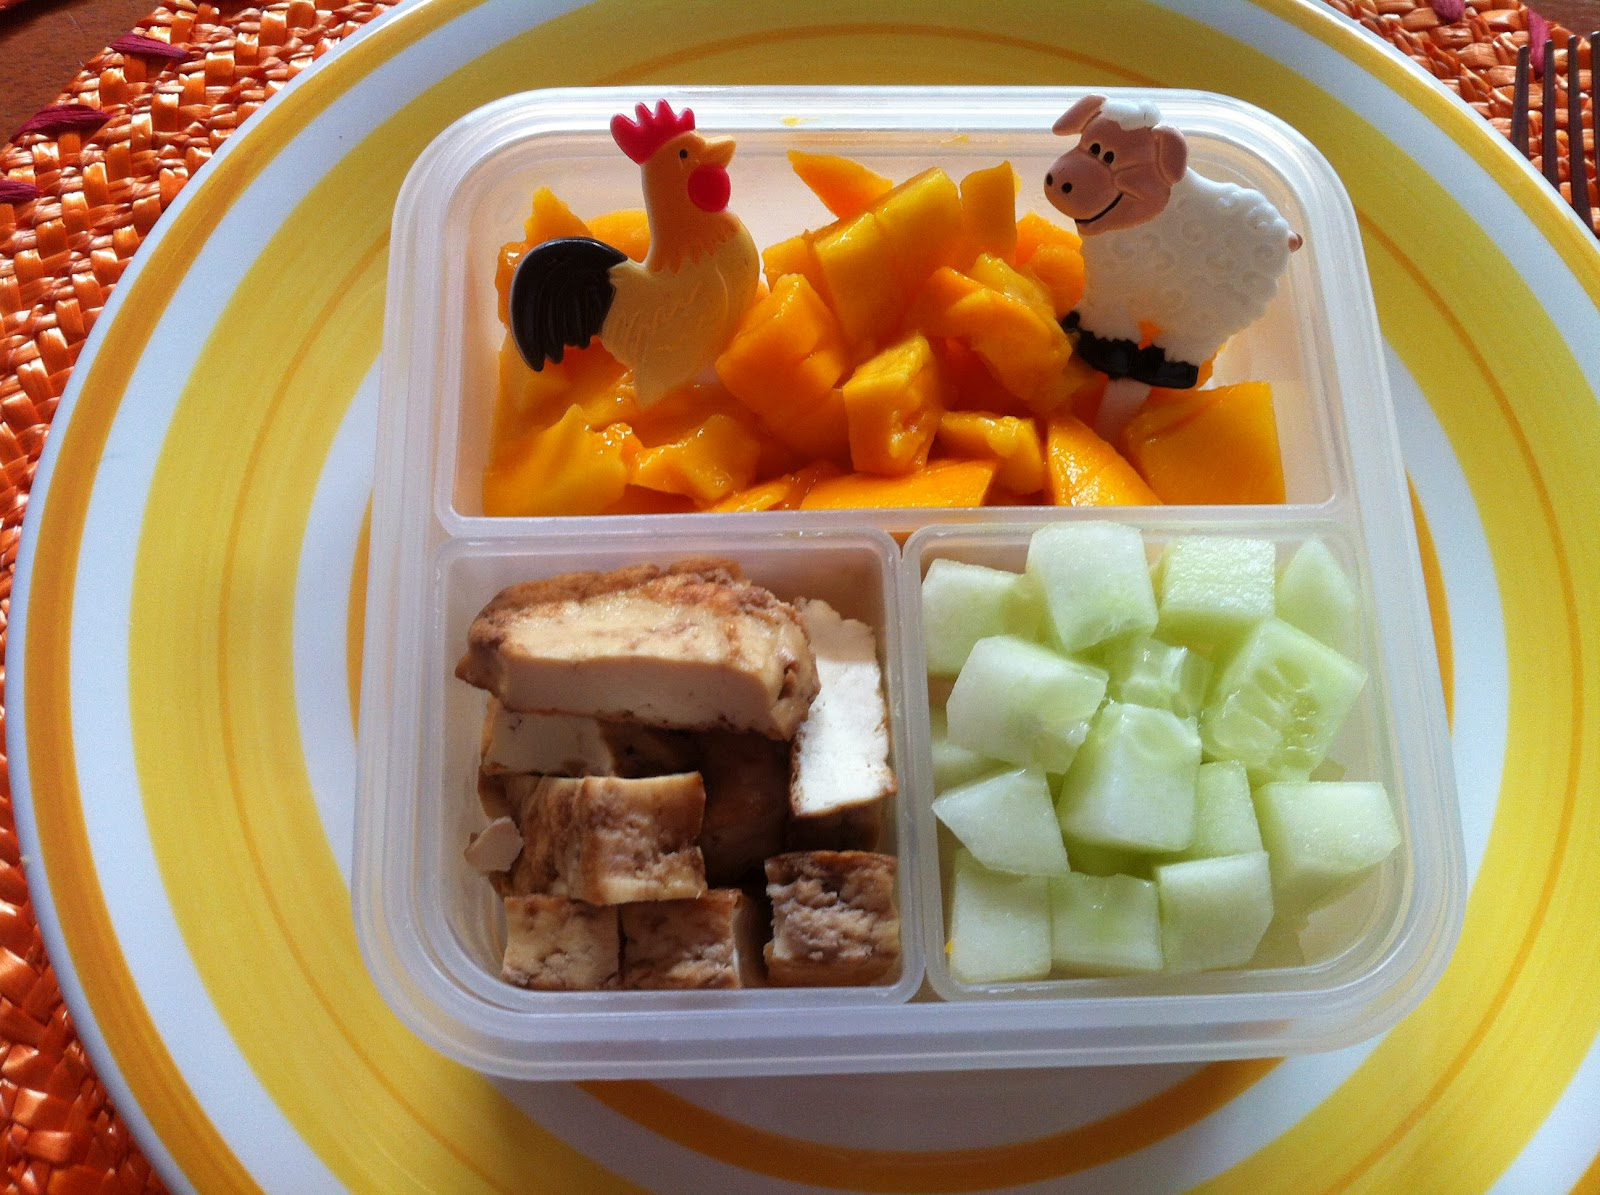 El lunch de mi enano usando la comida del dia anterior - Que hacer de comer facil y rapido ...